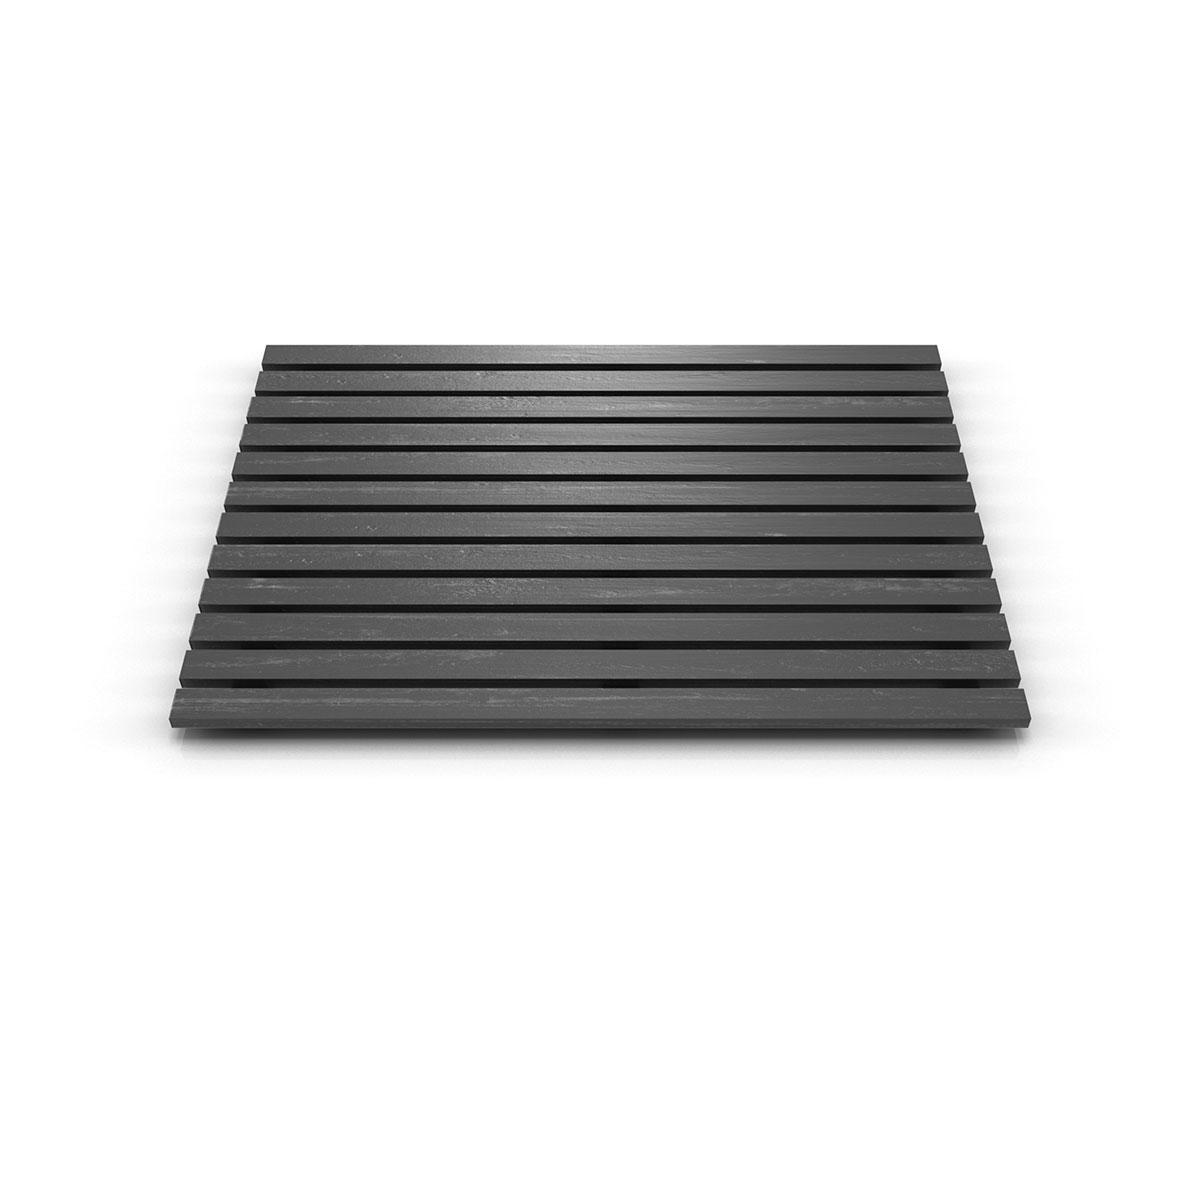 Caillebotis rectangulaire en bois composite (Noir)